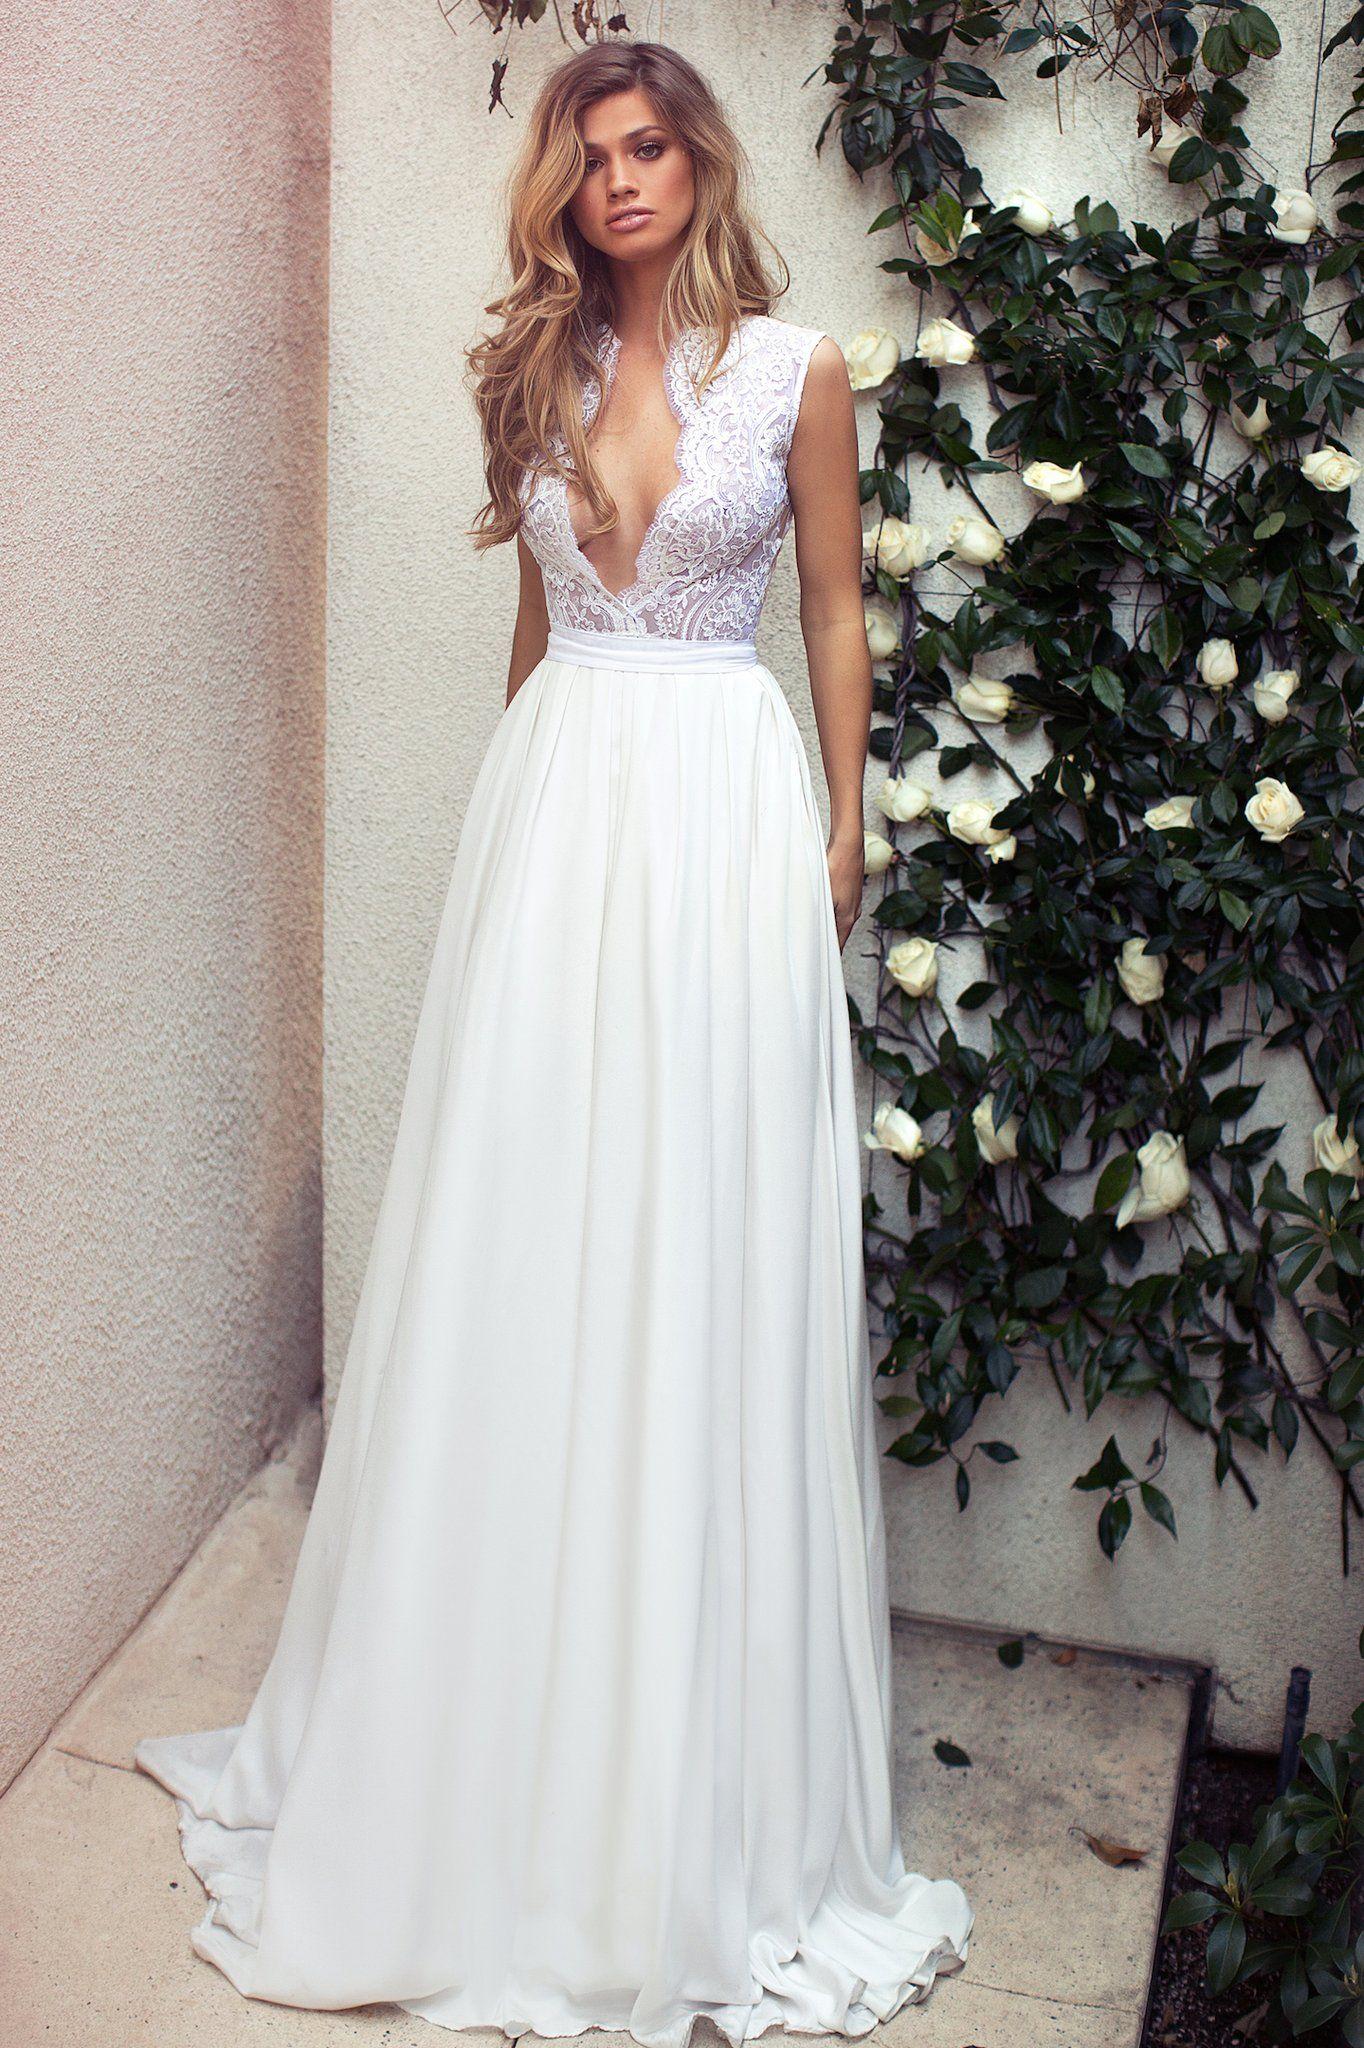 Pin von Vanna auf Dresses | Pinterest